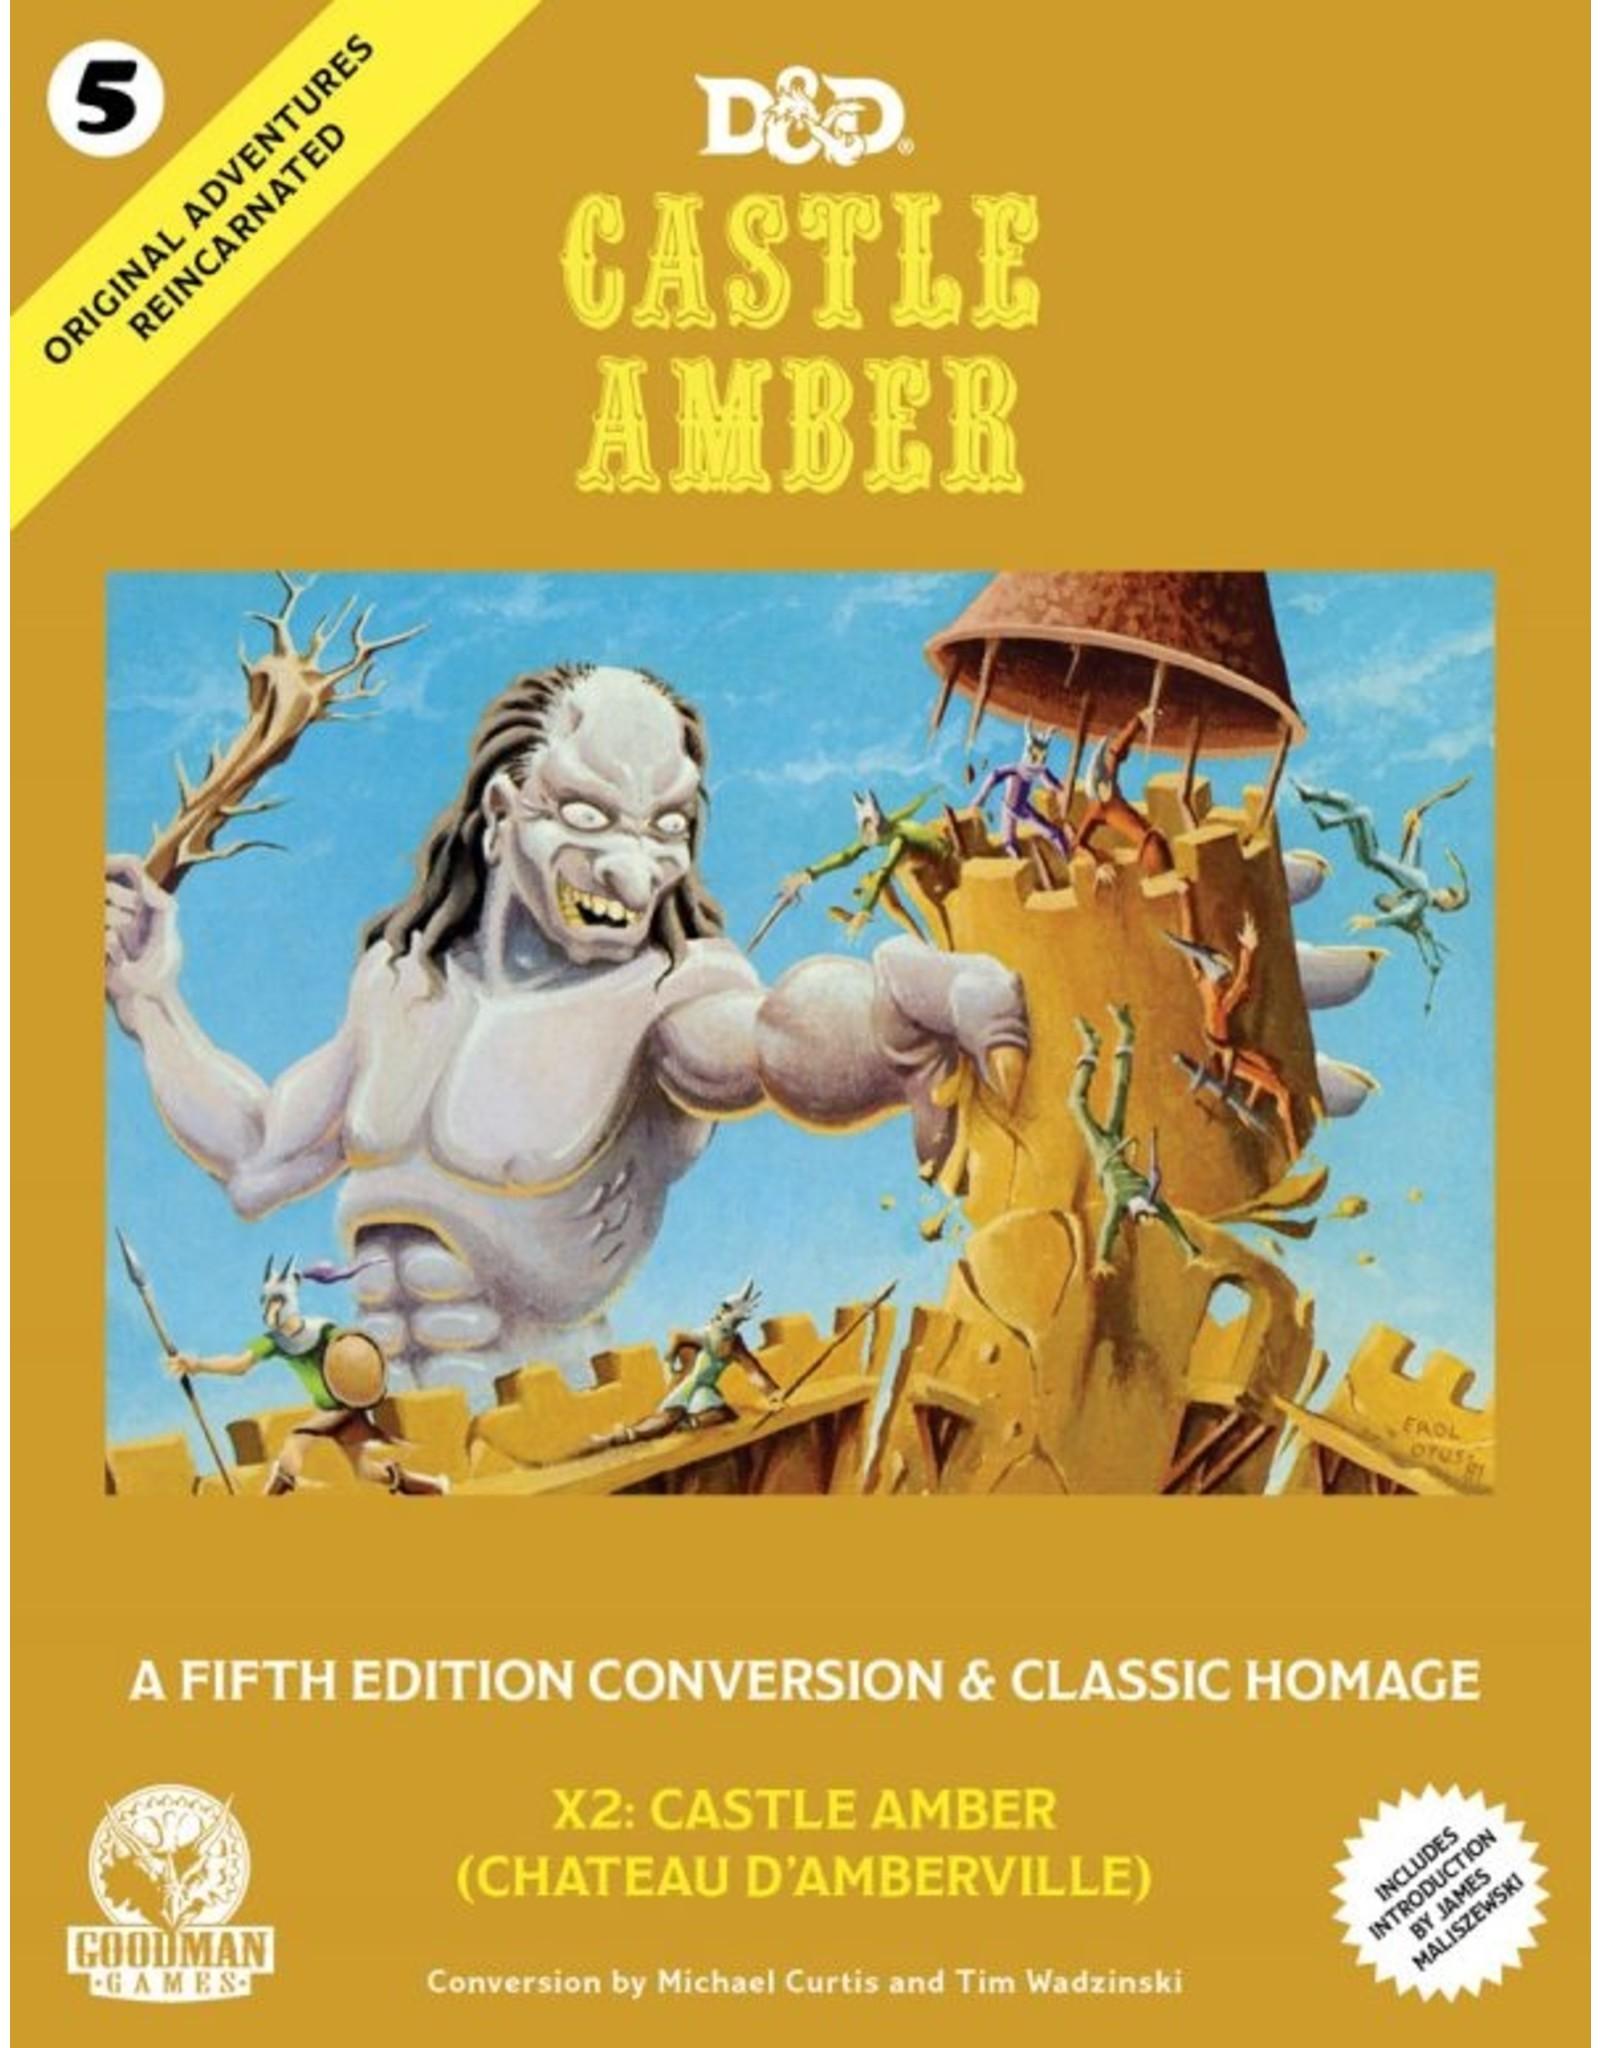 Goodman Games 5E: Original Adventures Reincarnated #5: Castle Amber